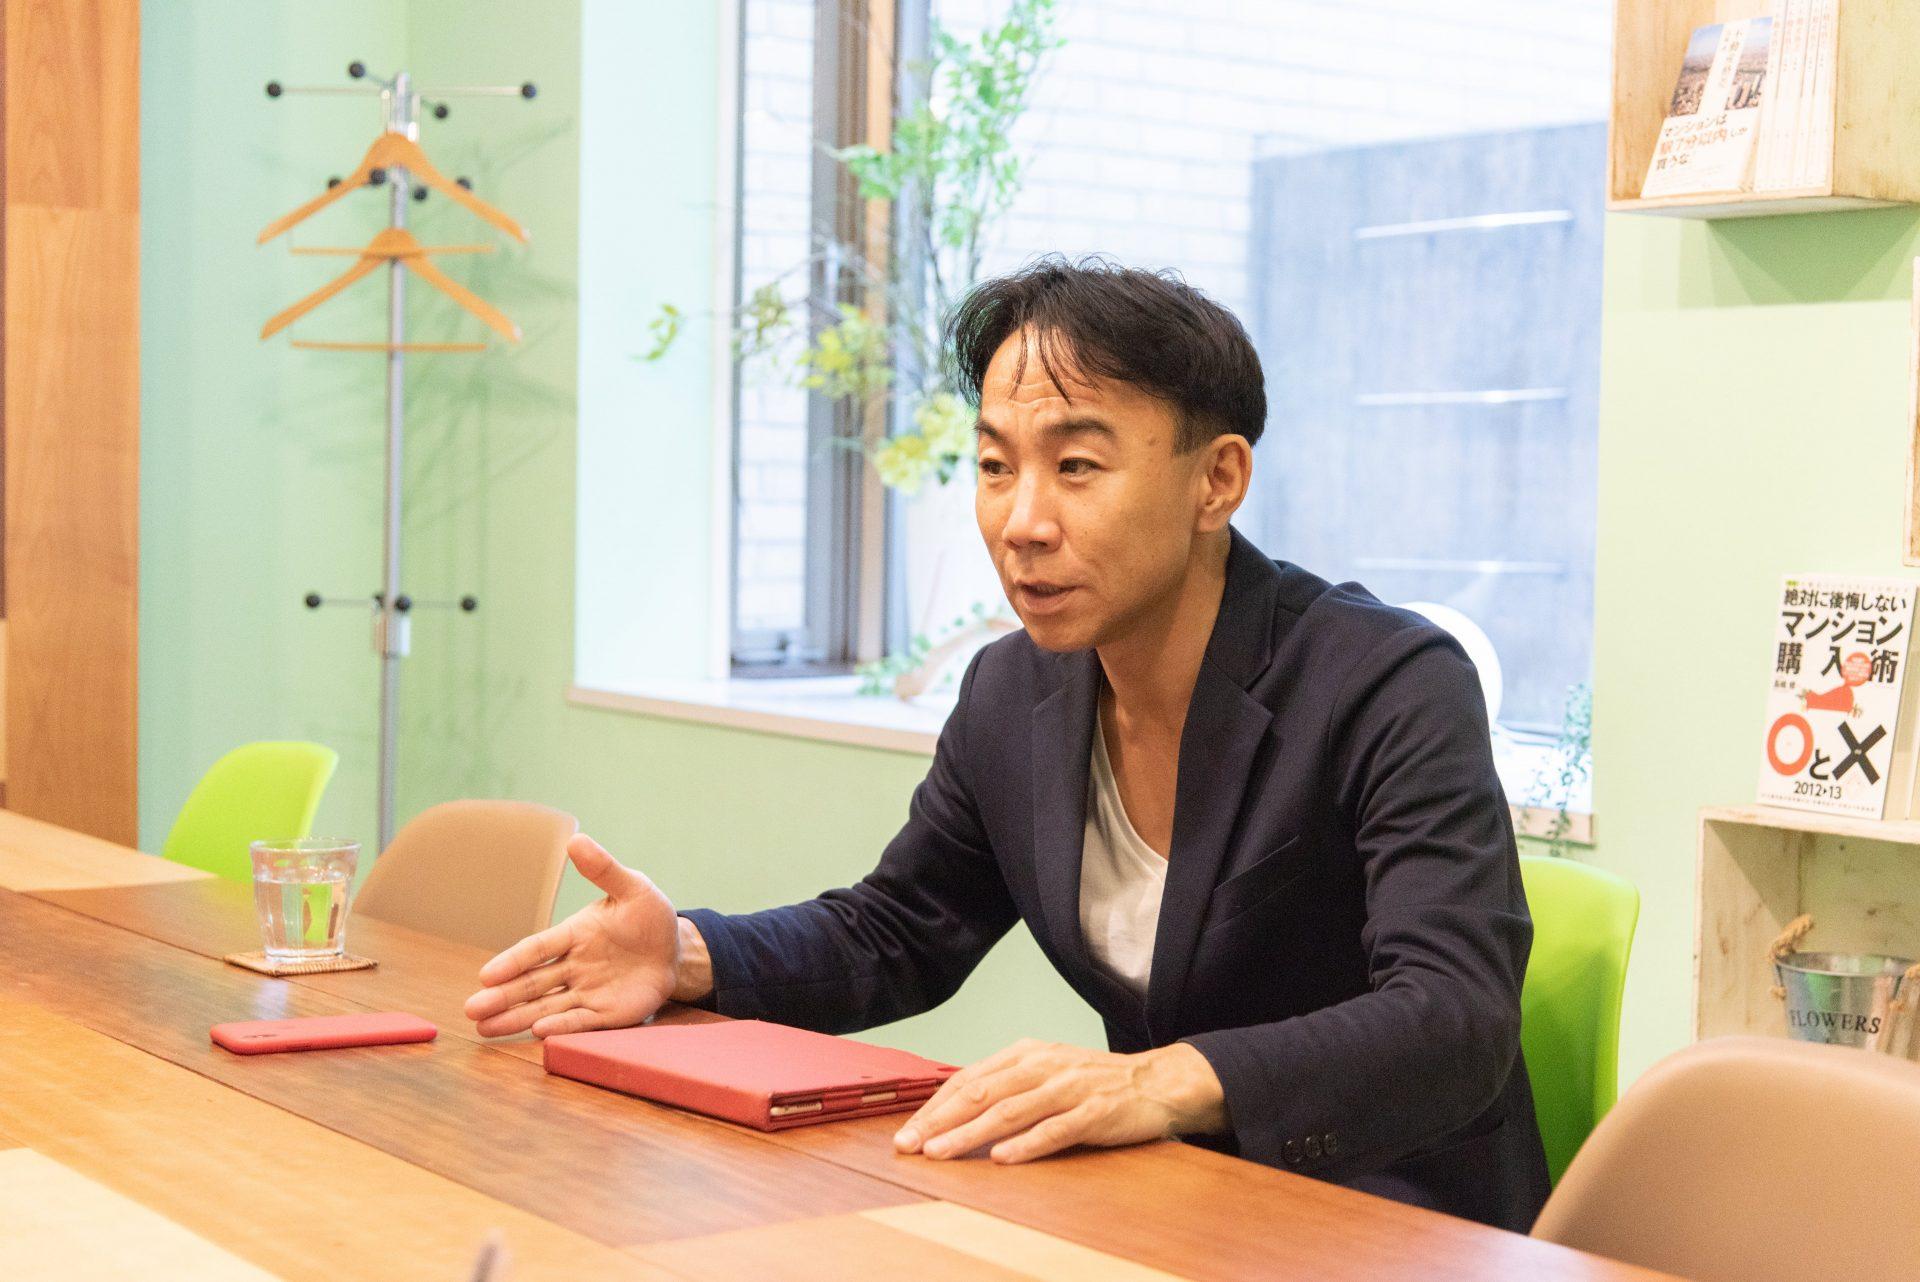 税制大綱2020発表!住宅・不動産市場への影響を長嶋修が解説